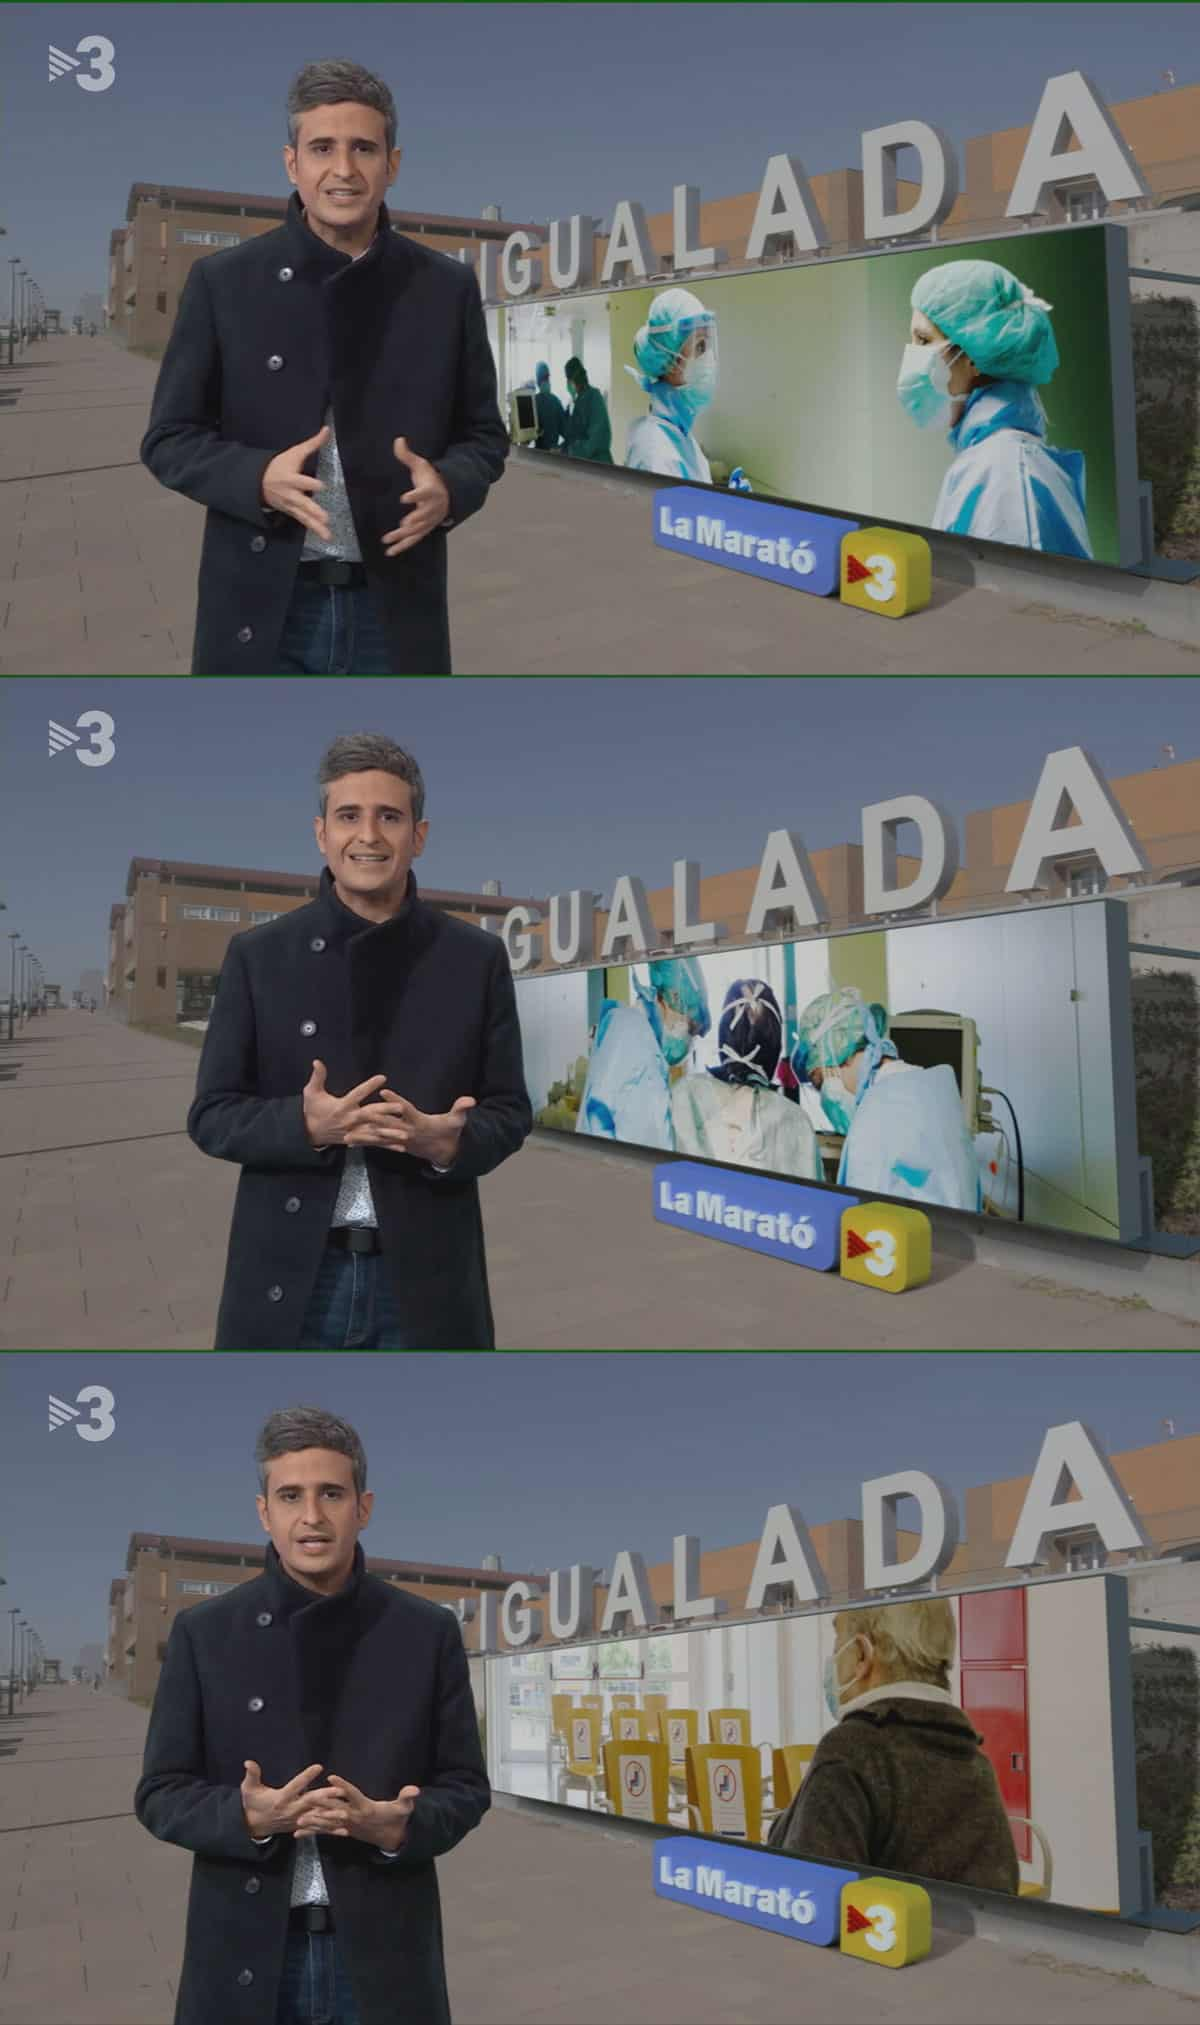 201220---TV3-Donapàs-Igualada-LaMarato-COVDI19